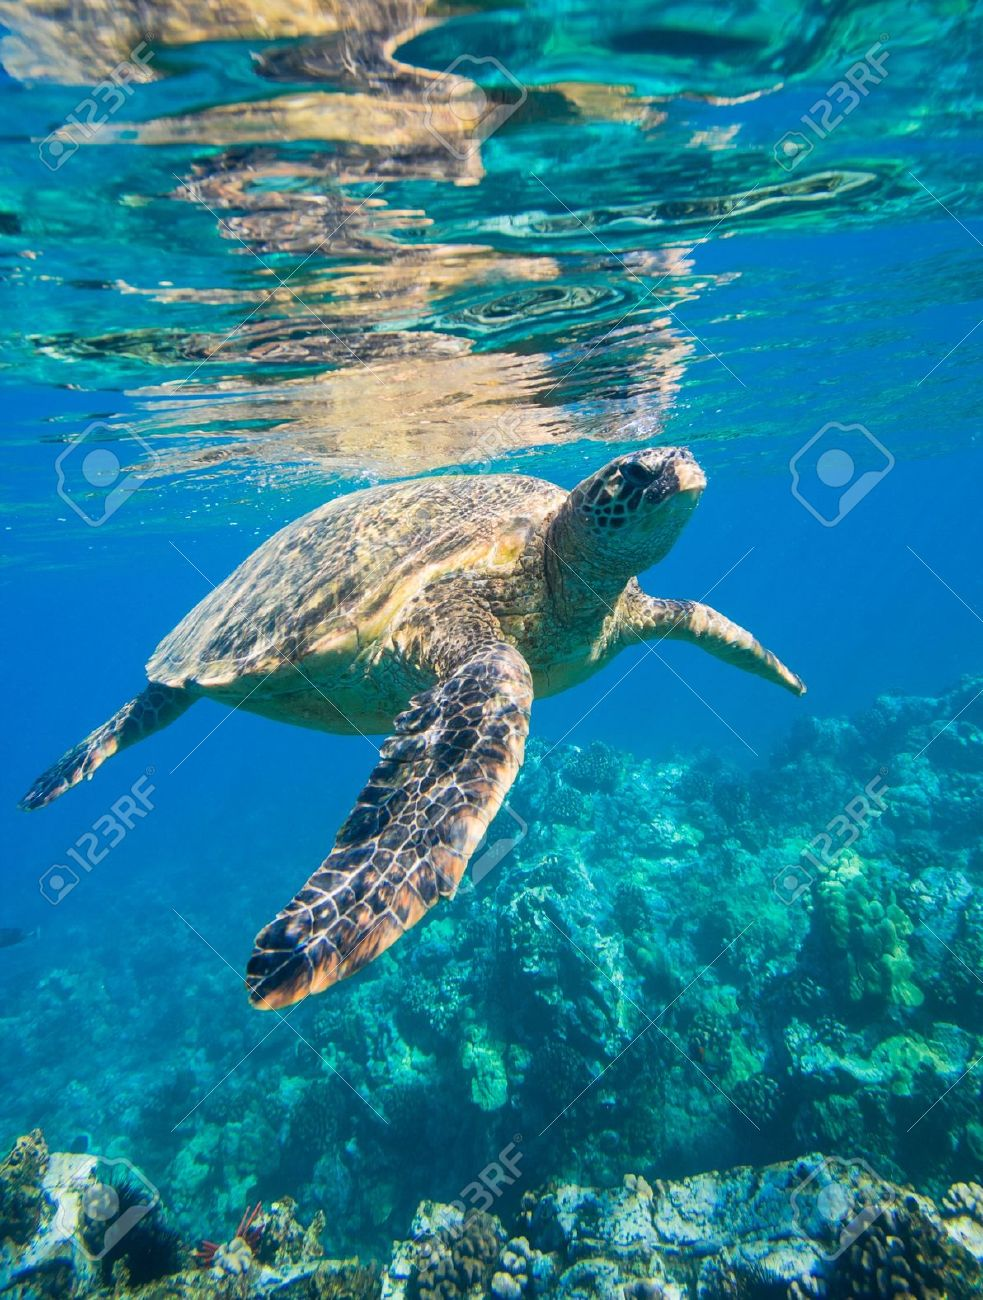 green sea turtle swimming in ocean sea Stock Photo - 12000817